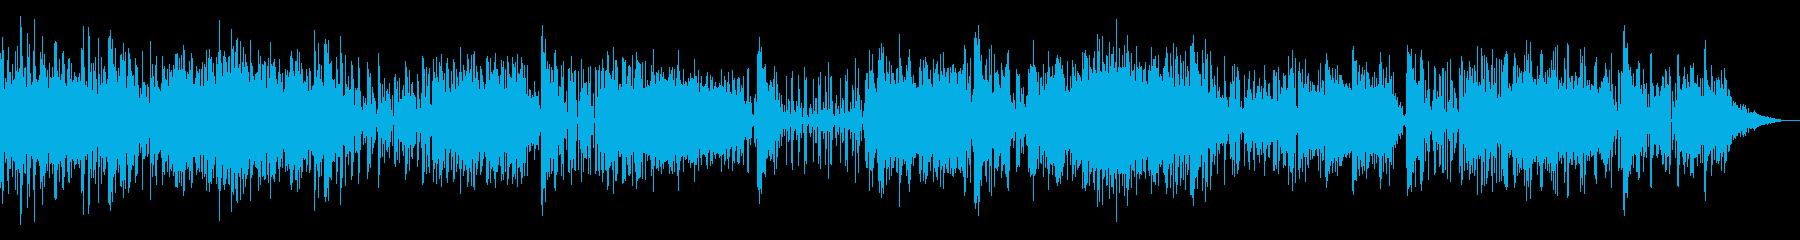 ロボティックなシンプルIDMの再生済みの波形